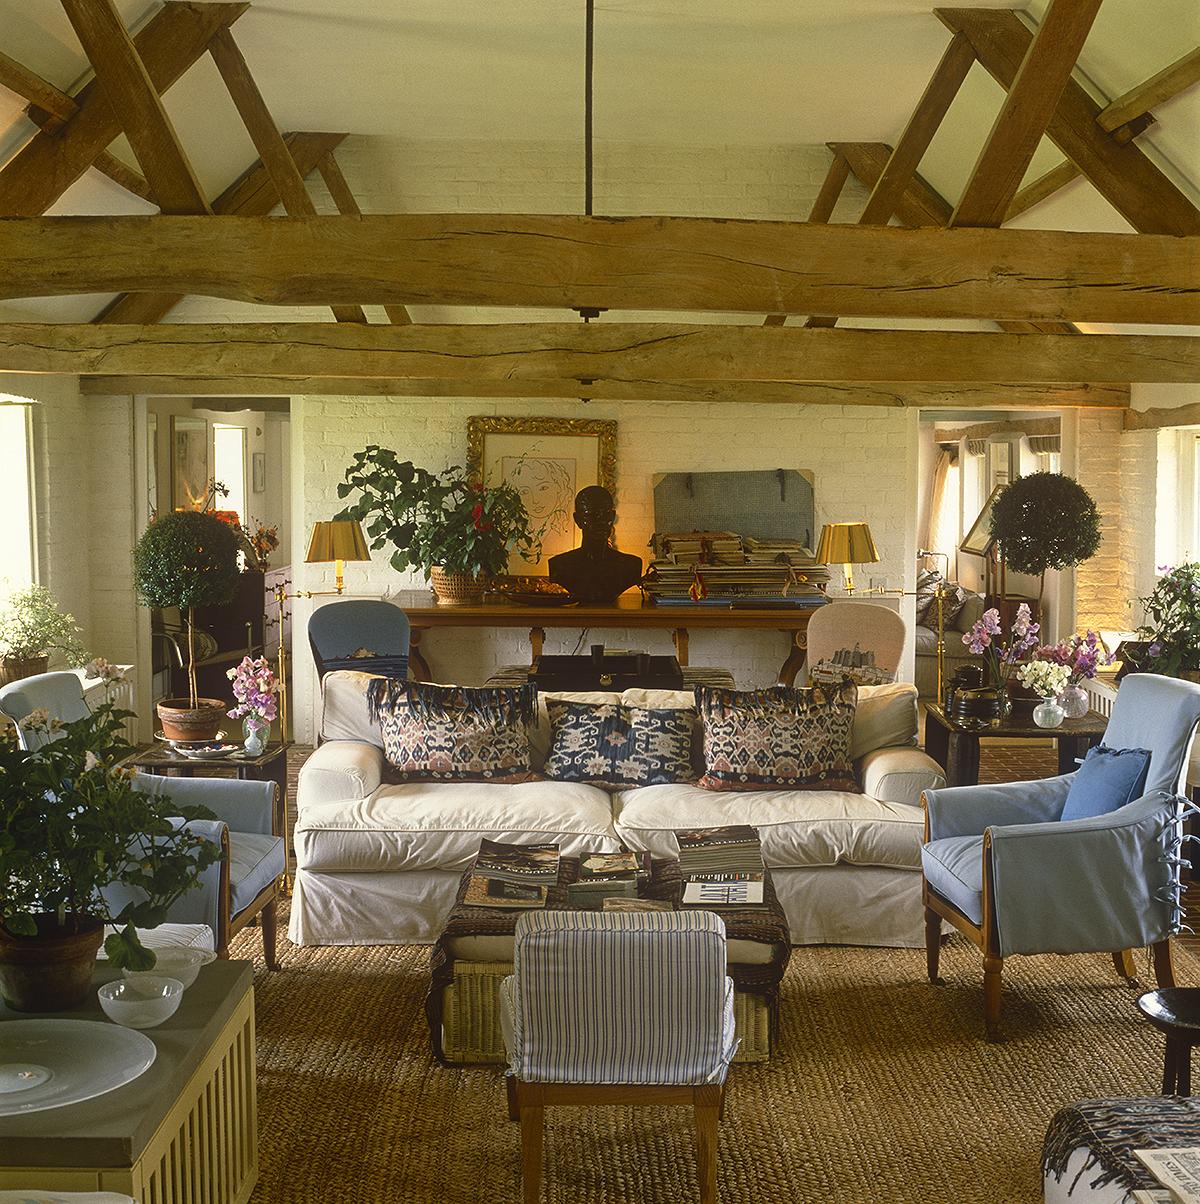 The developed eye living by design dorset cow sheds for John stefanidis interior design